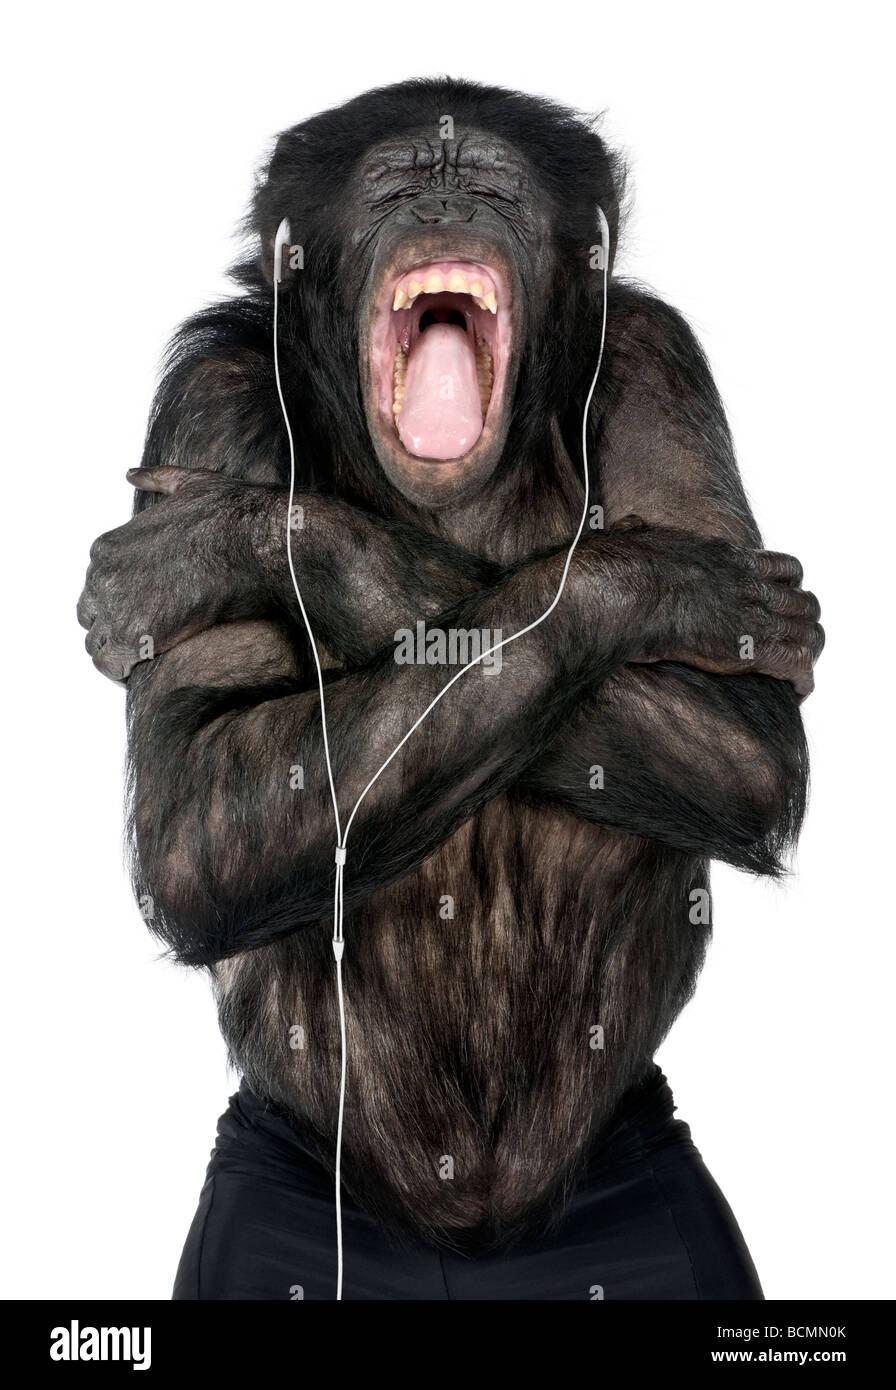 Monkey, razza mista tra scimpanzé e Bonobo, 20 anni, ascoltando la musica sulle cuffie davanti a uno sfondo Immagini Stock